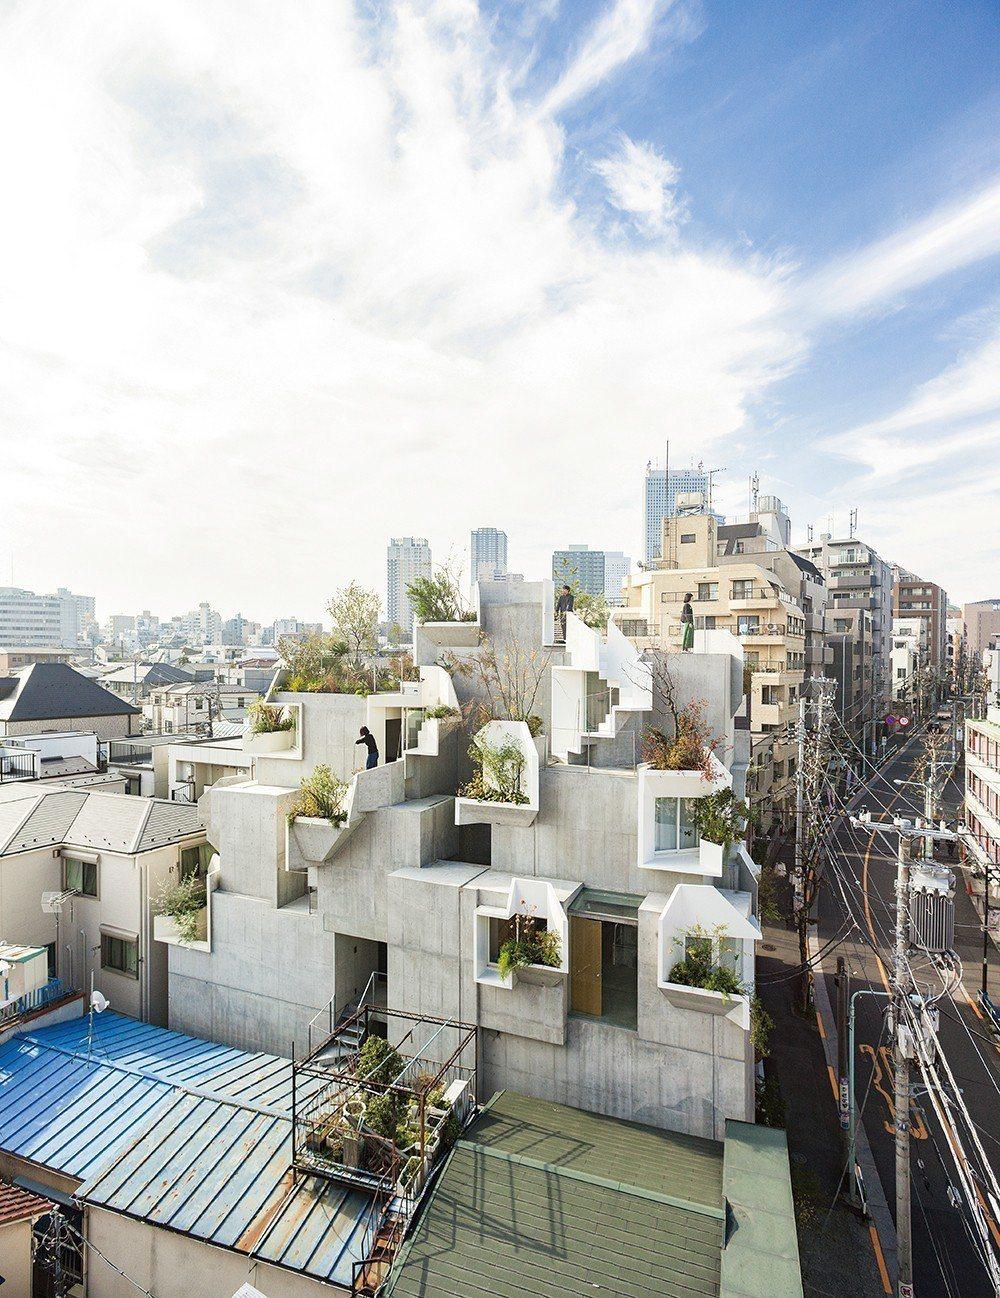 住宅設計「樹木之家」(Tree-ness House)的主人為藝廊主理人,平田晃...